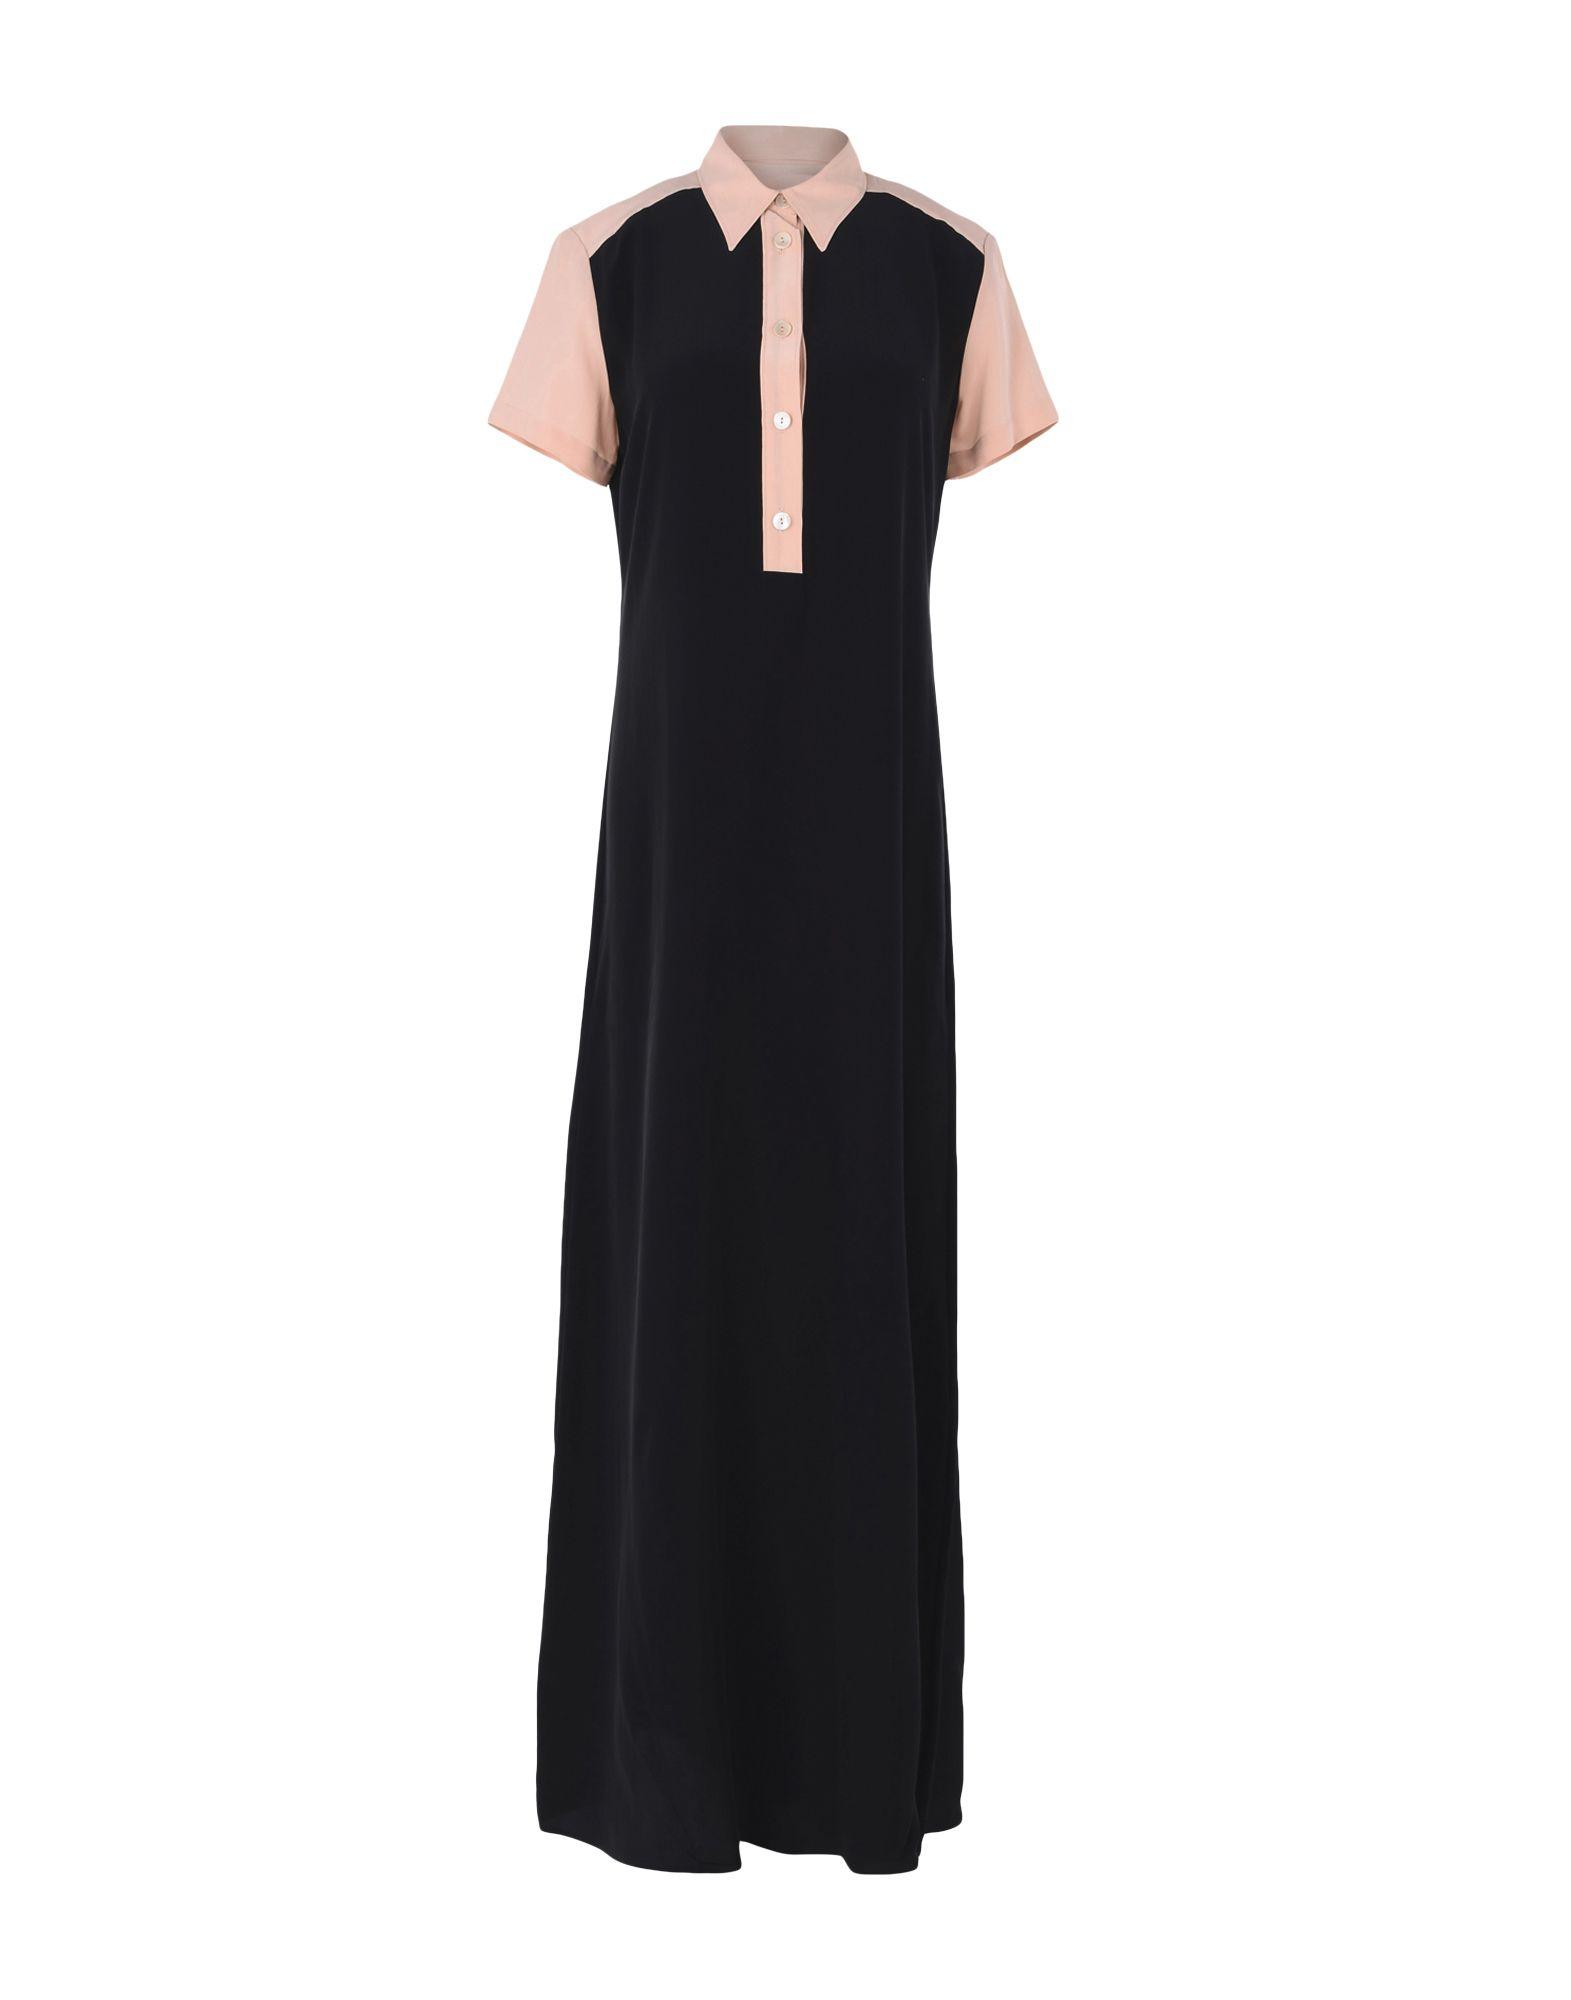 ATTIC AND BARN Damen Langes Kleid Farbe Schwarz Größe 6